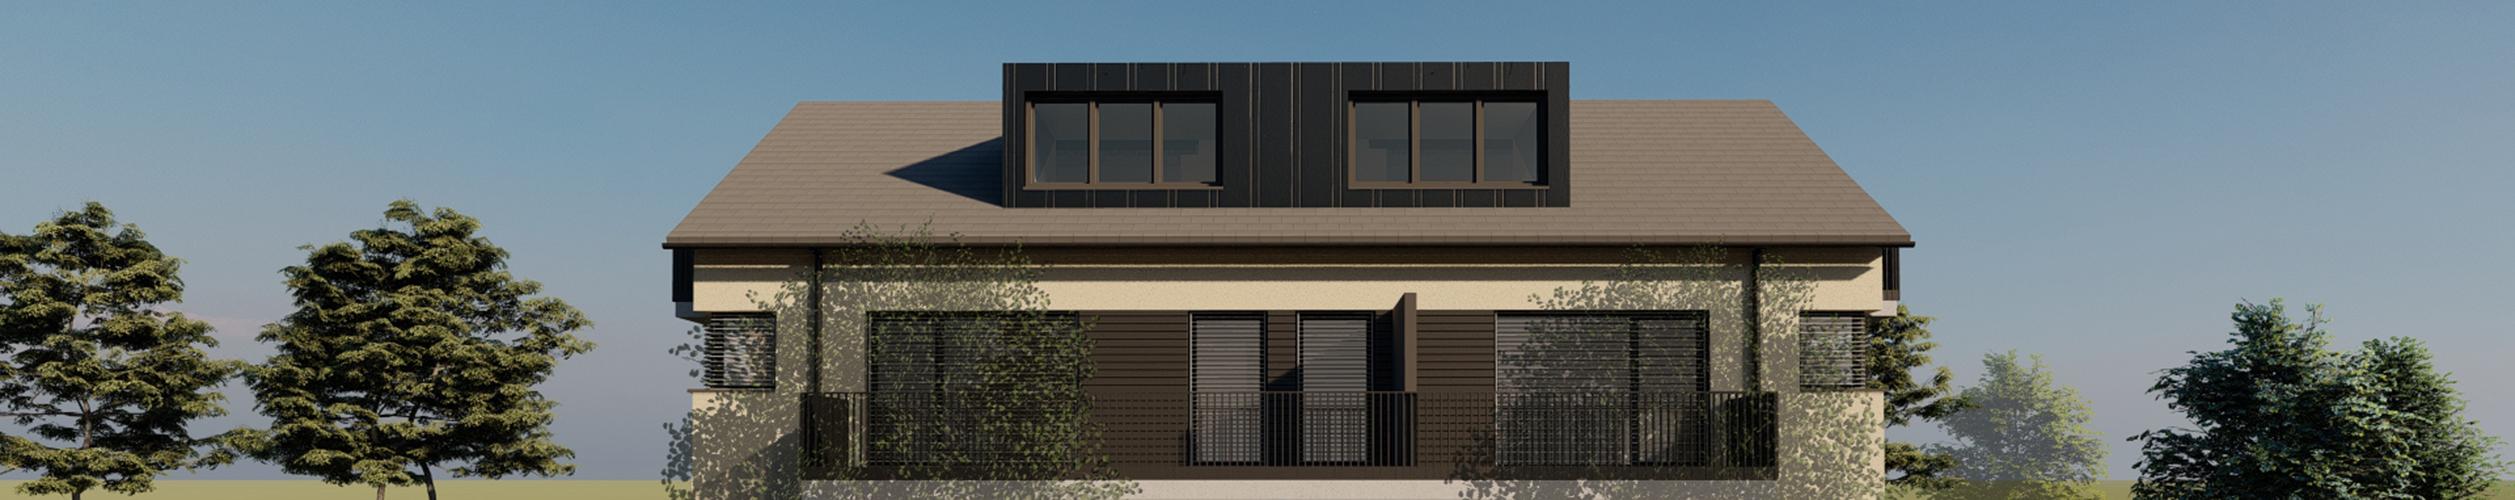 Neubau eines Mehrfamilienhauses in Langenargen-Mörikestraße